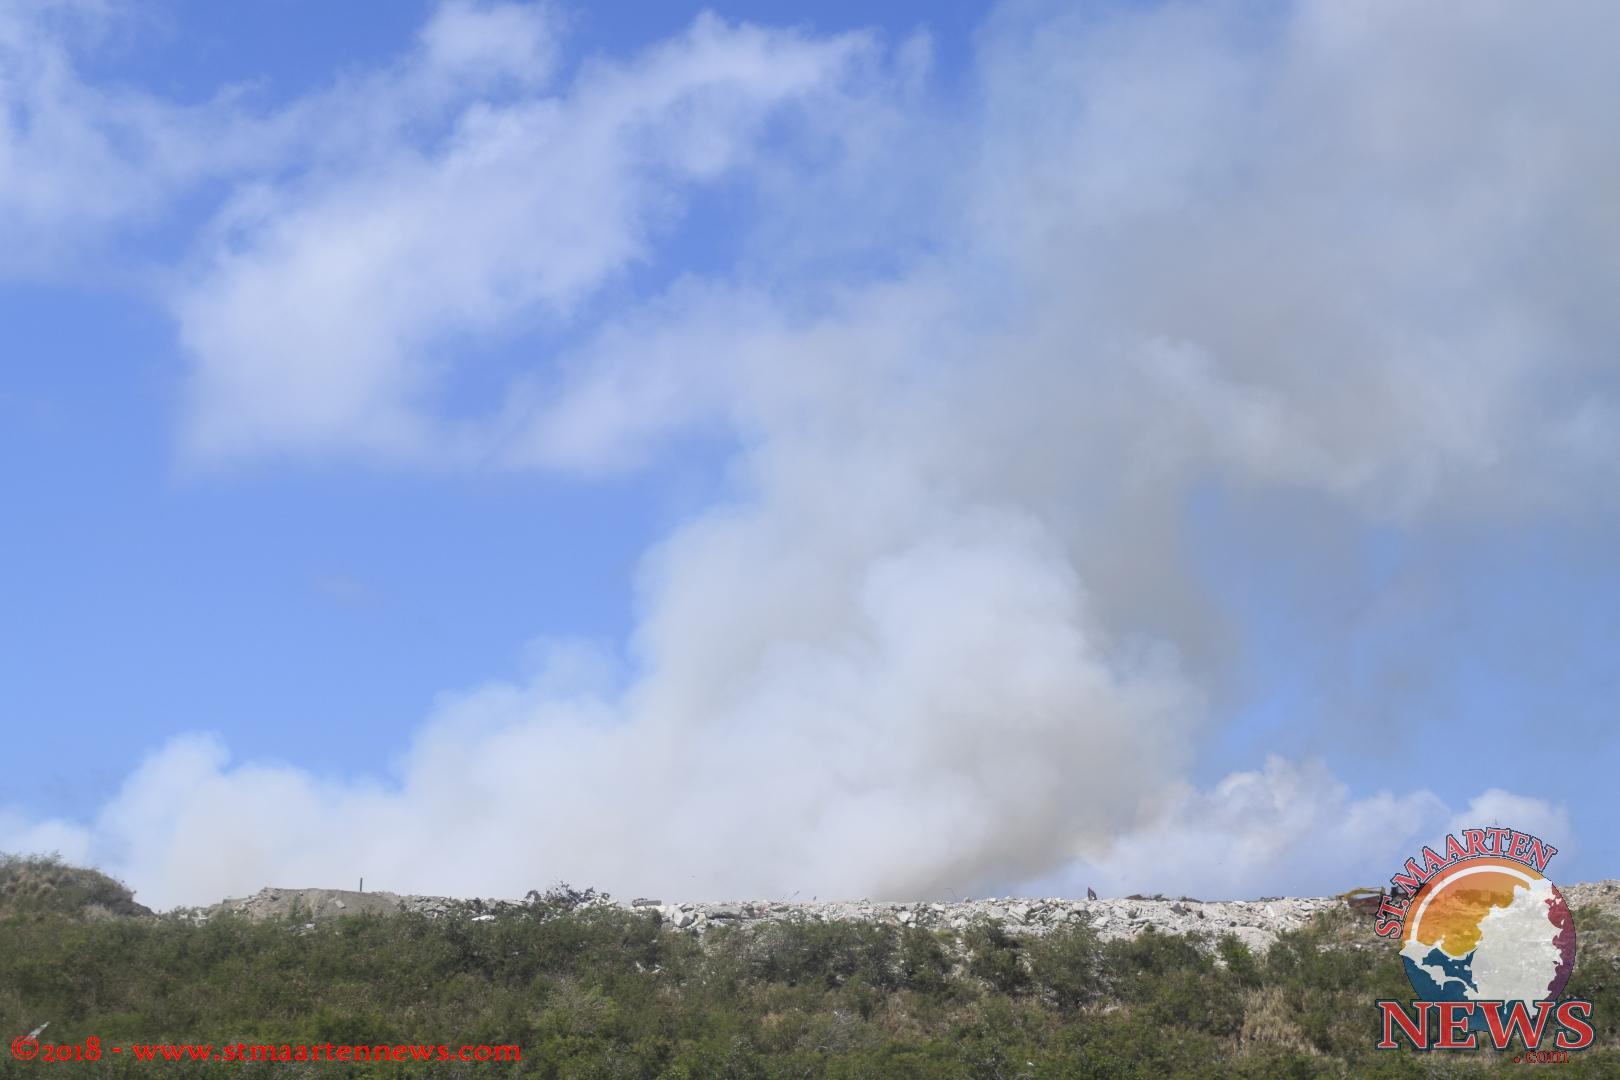 2018-05-13_Dump Fire-004